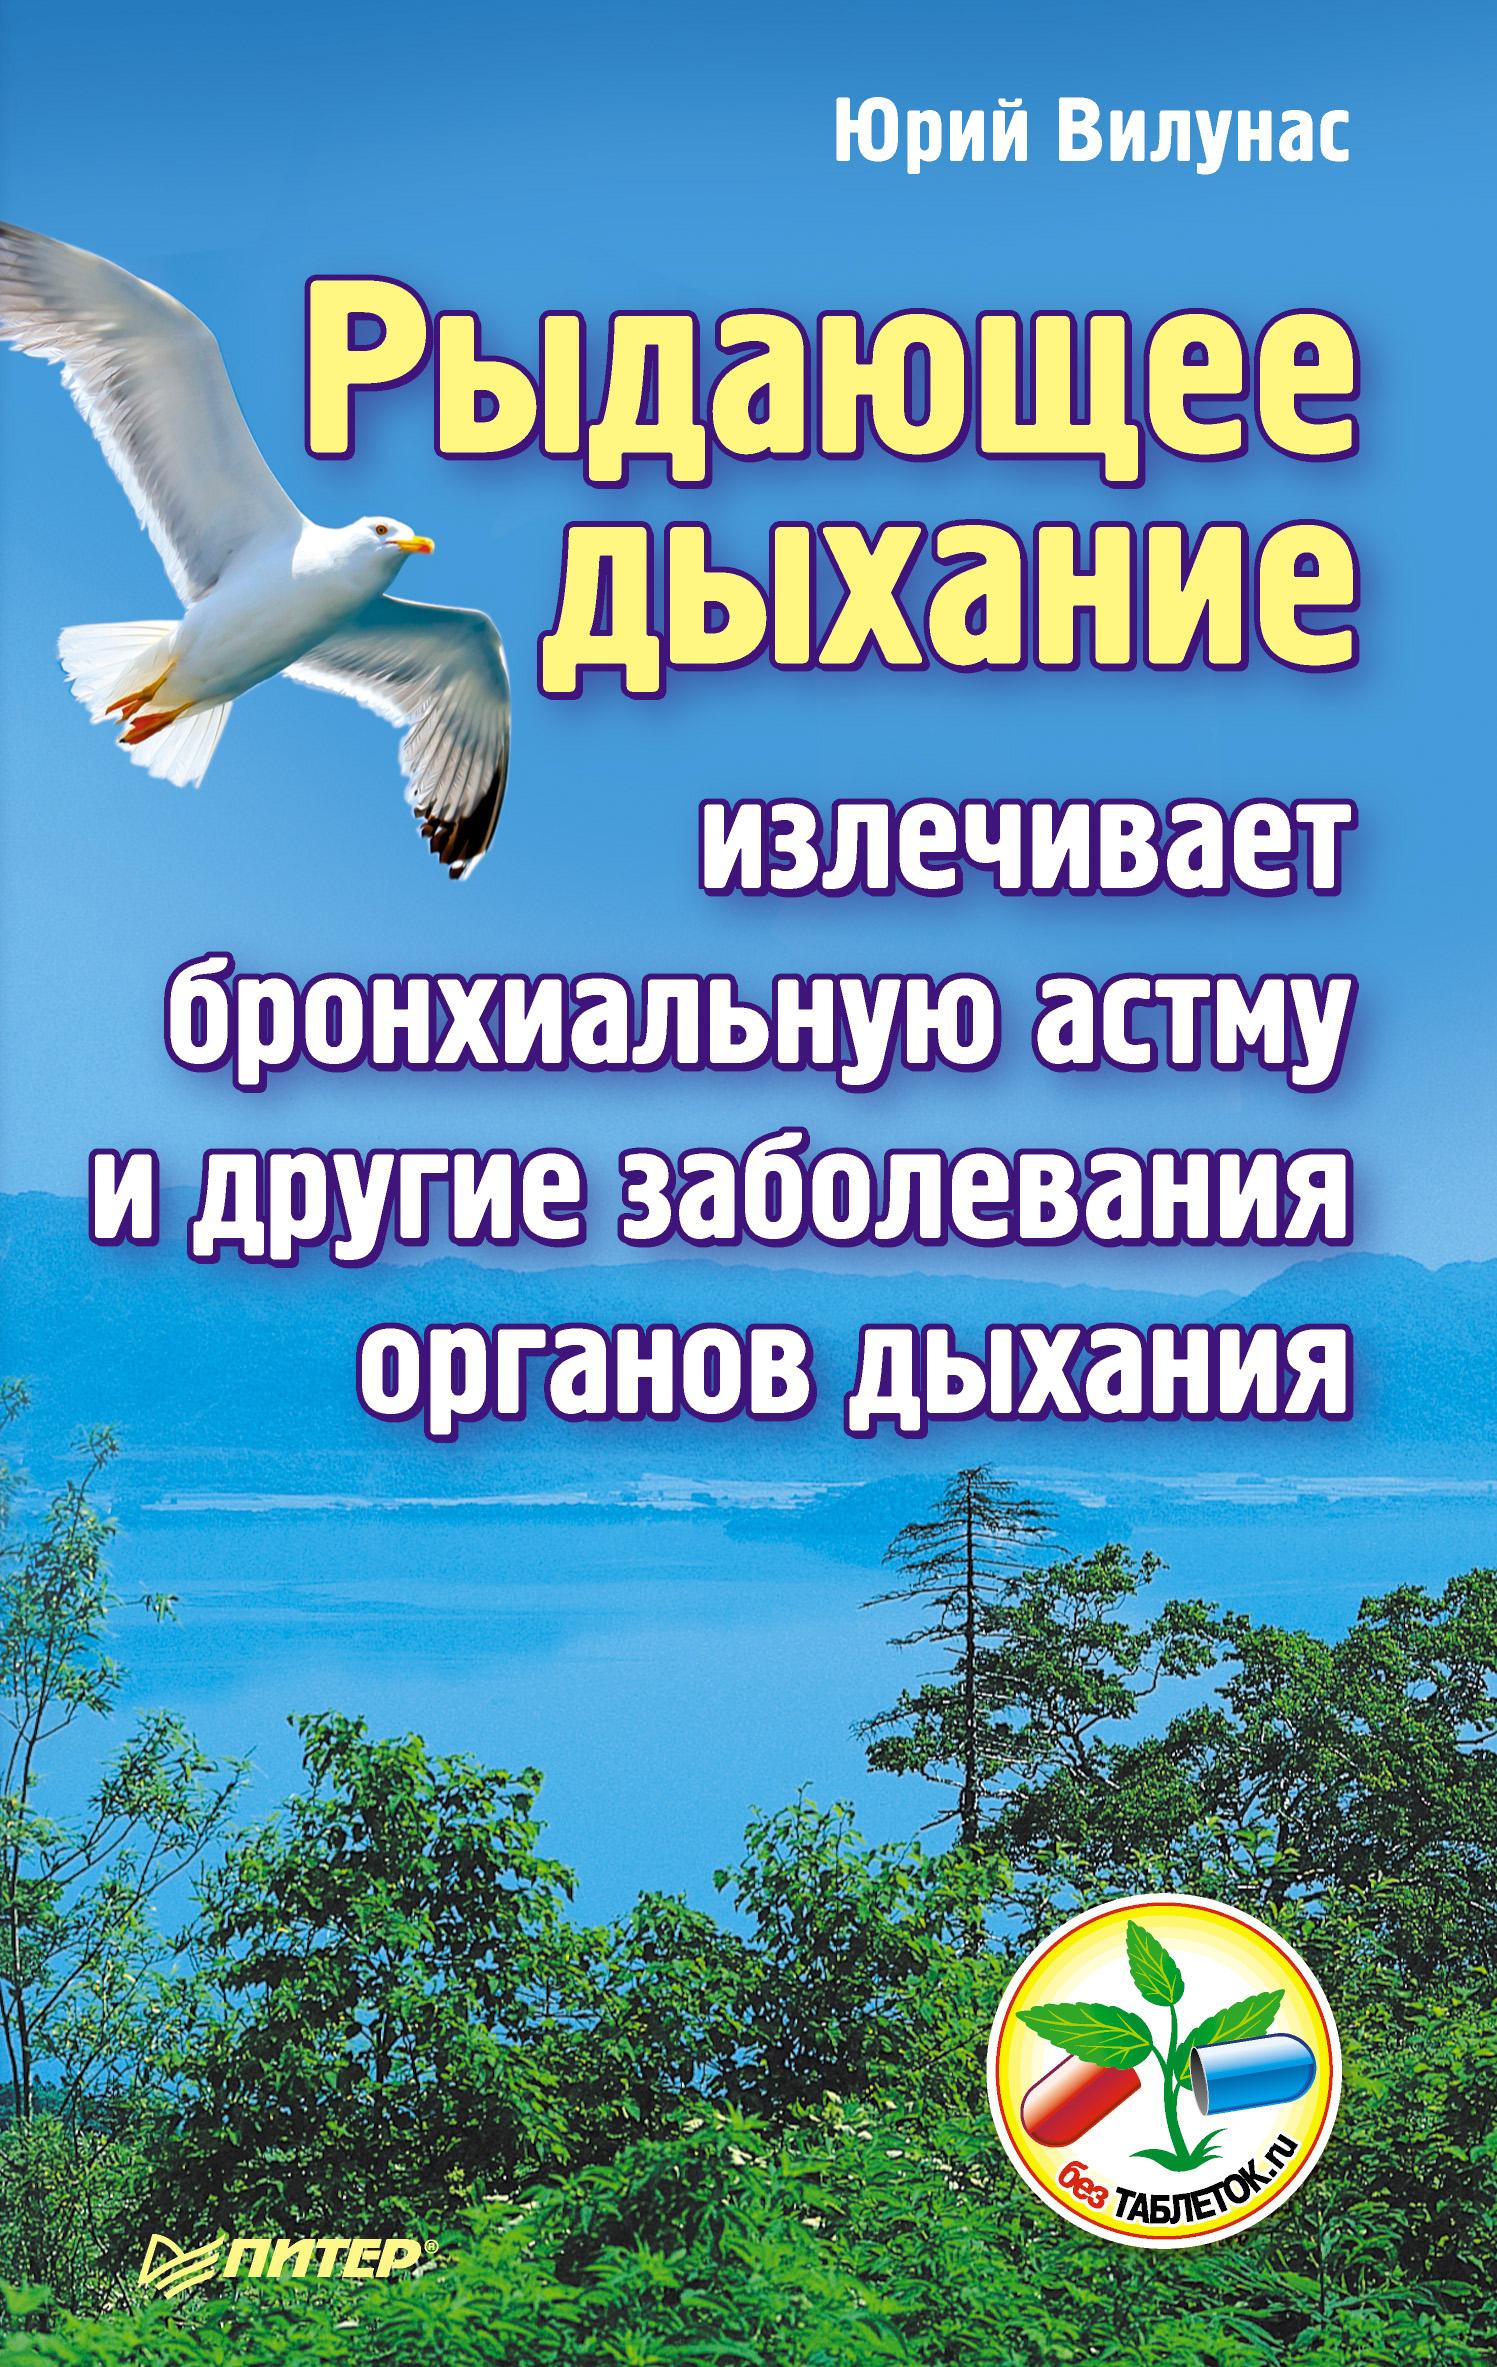 8ca0bcb27c58 Юрий Вилунас, Рыдающее дыхание излечивает бронхиальную астму и другие заболевания  органов дыхания – читать онлайн полностью – ЛитРес